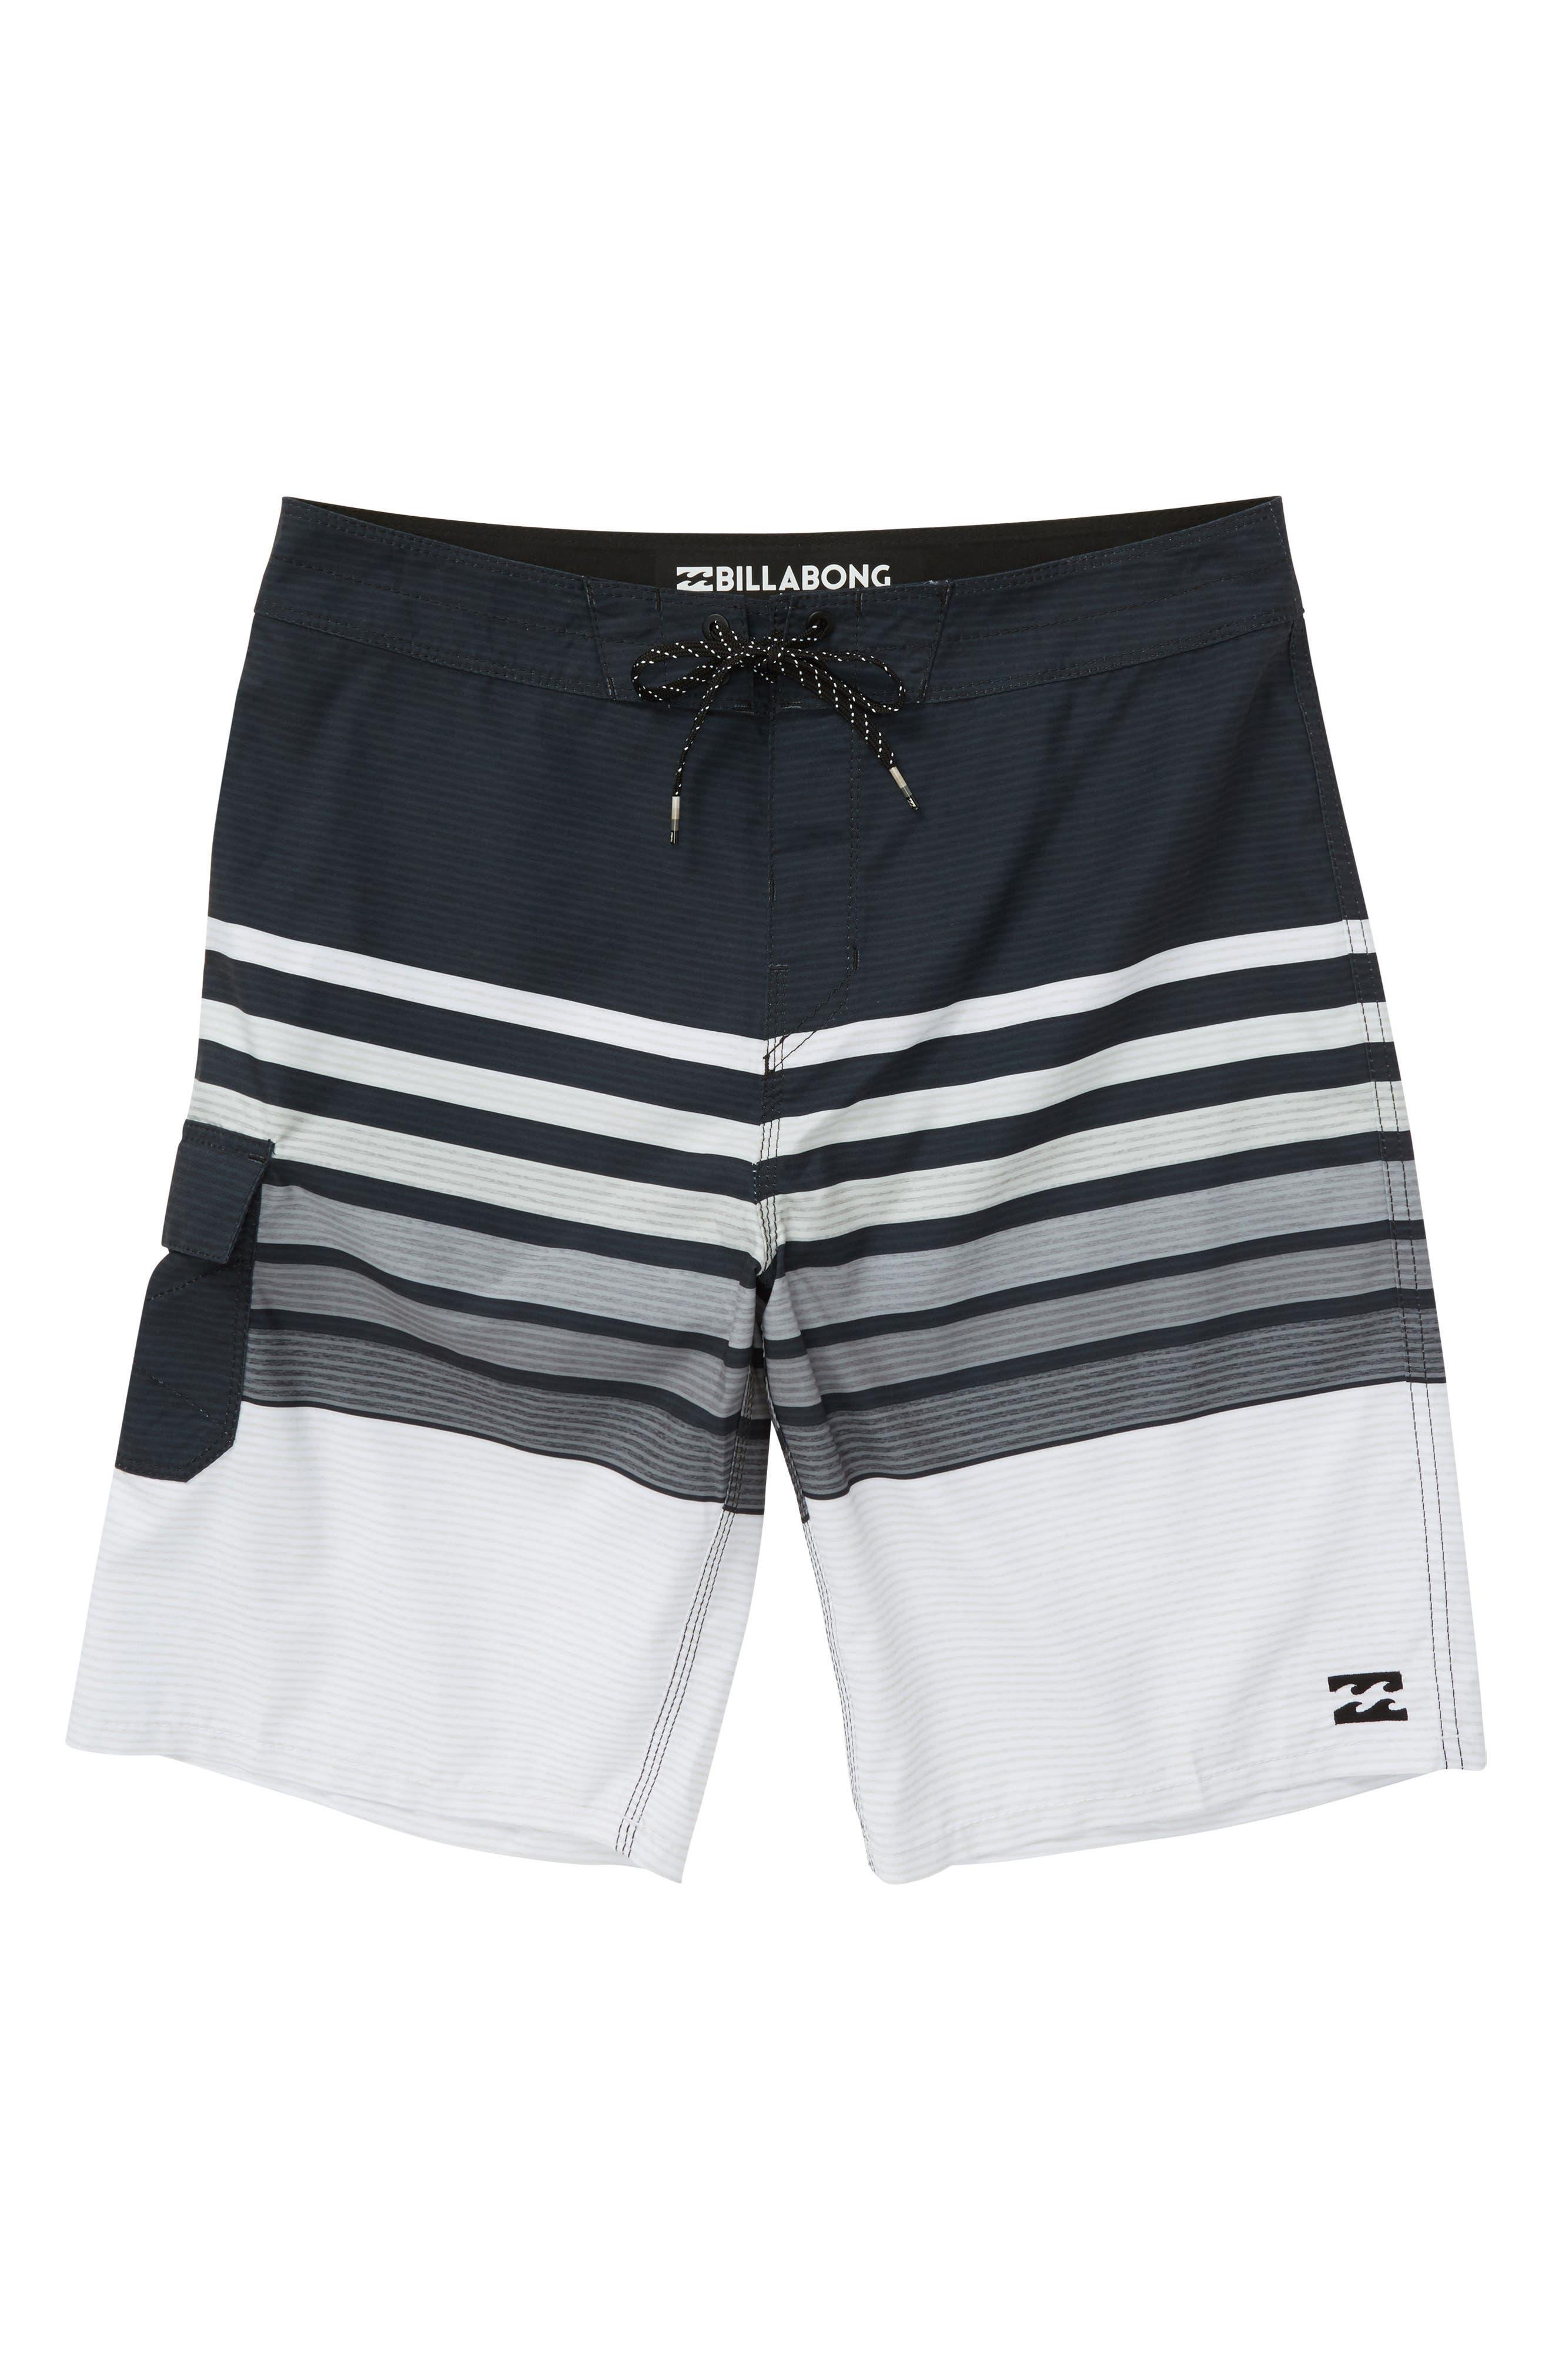 All Day OG Stripe Board Shorts,                         Main,                         color, Black